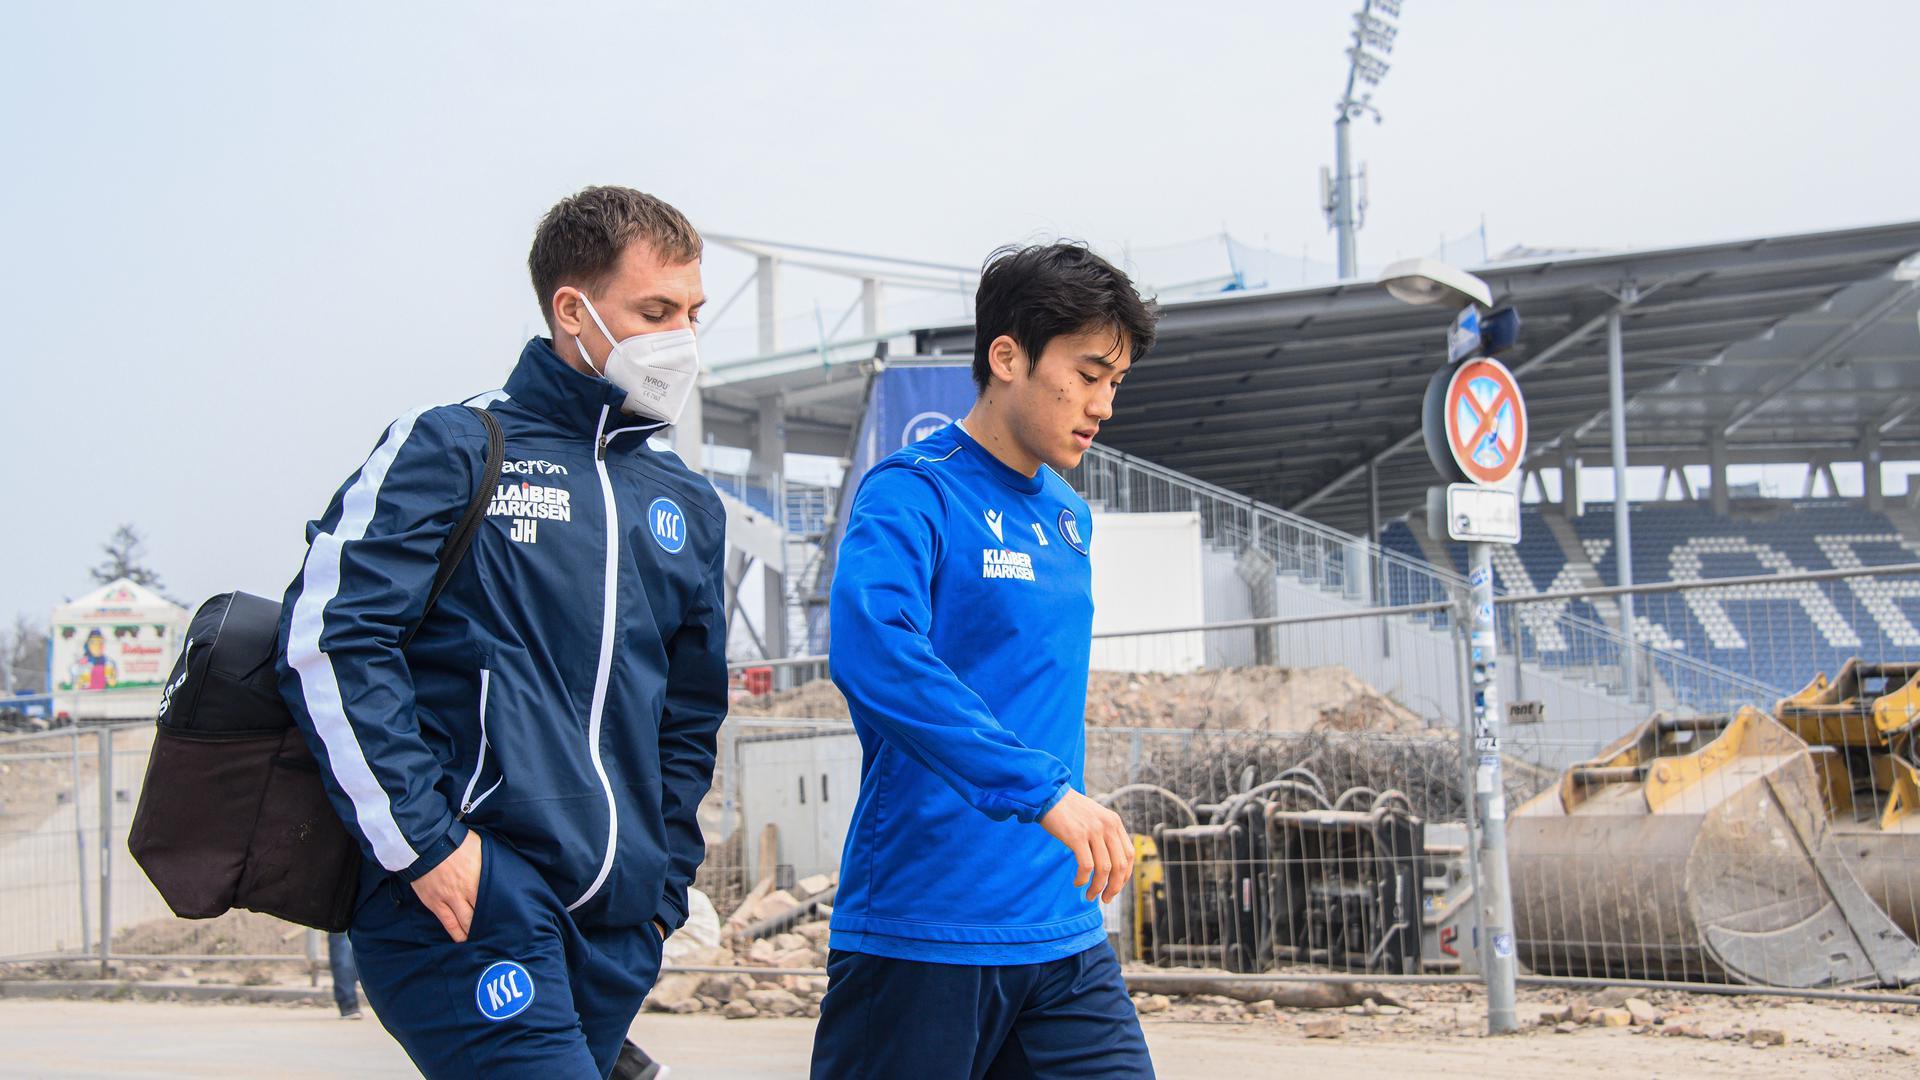 Auf dem Weg: Kyoung-Rok Choi, begleitet von Physiotherapeut Johannes Haberlandt, meldete sich nach dem Abschlusstraining gegenüber der Wildpark-Baustelle fit für St. Pauli.